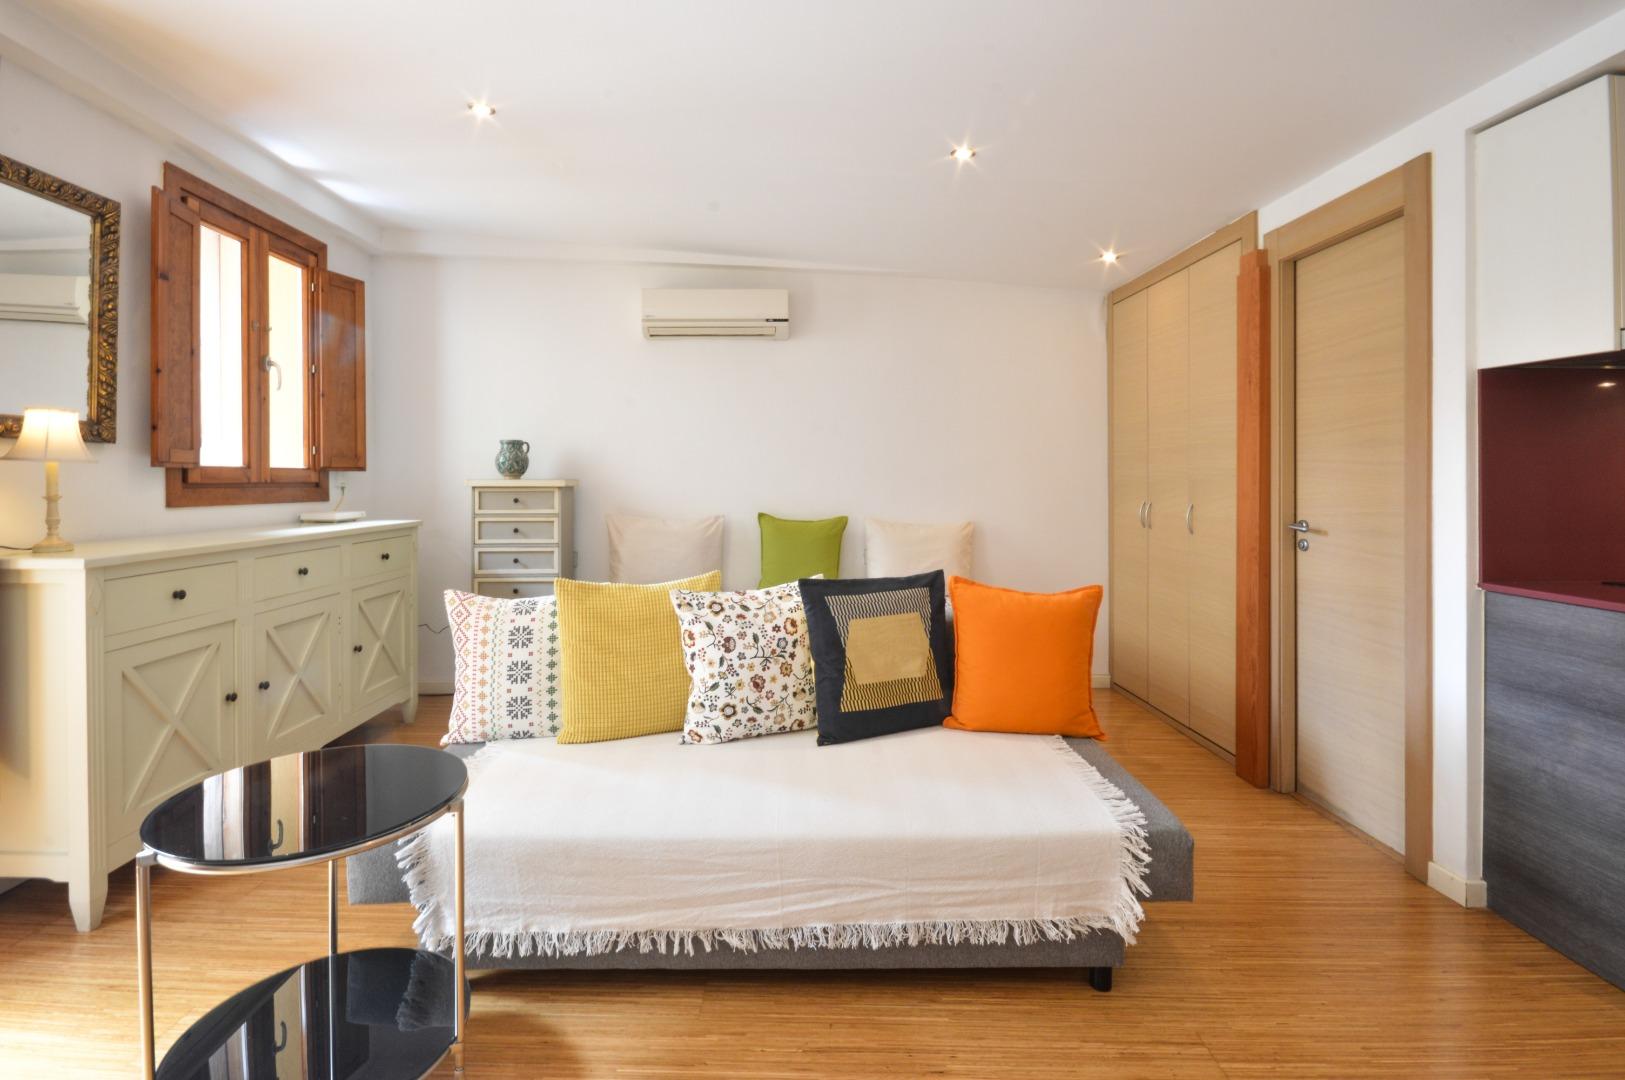 Lloguer de temporada Pis  Ciutat vella - el raval. Loft 40m2 distribuido en 1 habitación y 1 baño con terraza.